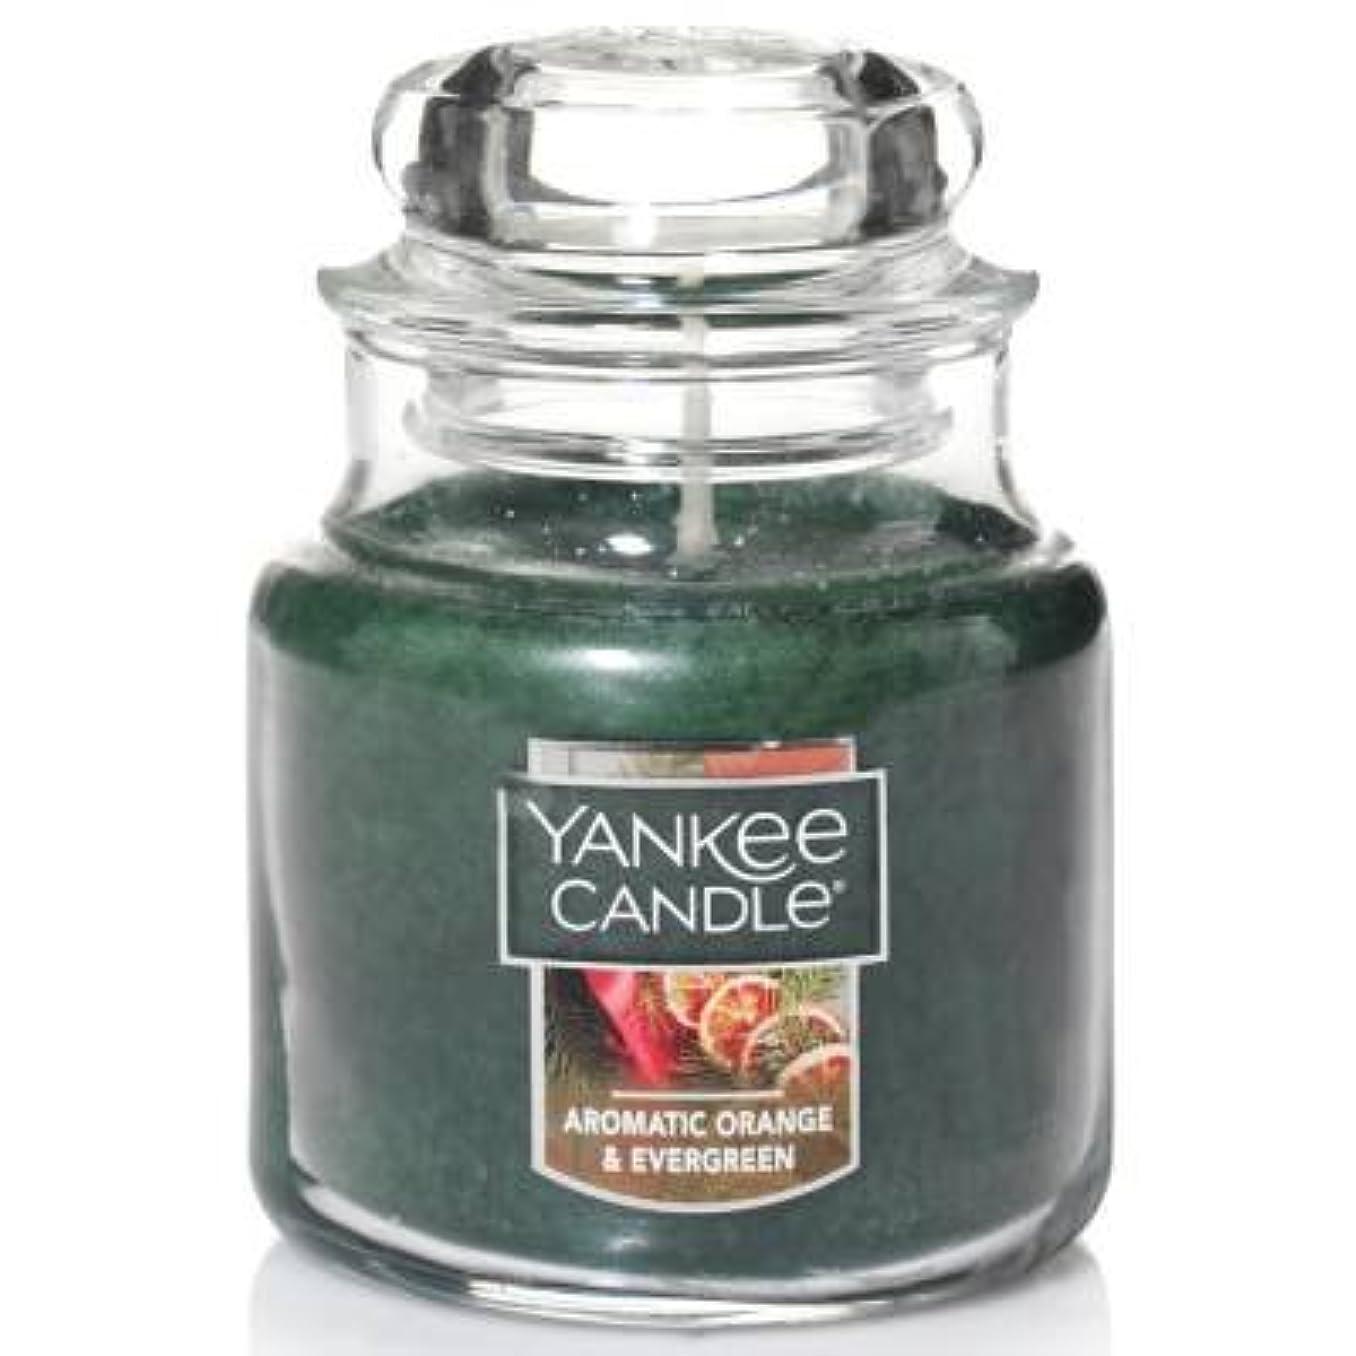 トムオードリースロッカーよろしくYankee Candle Aromaticオレンジ& Evergreen Small Jar Candle